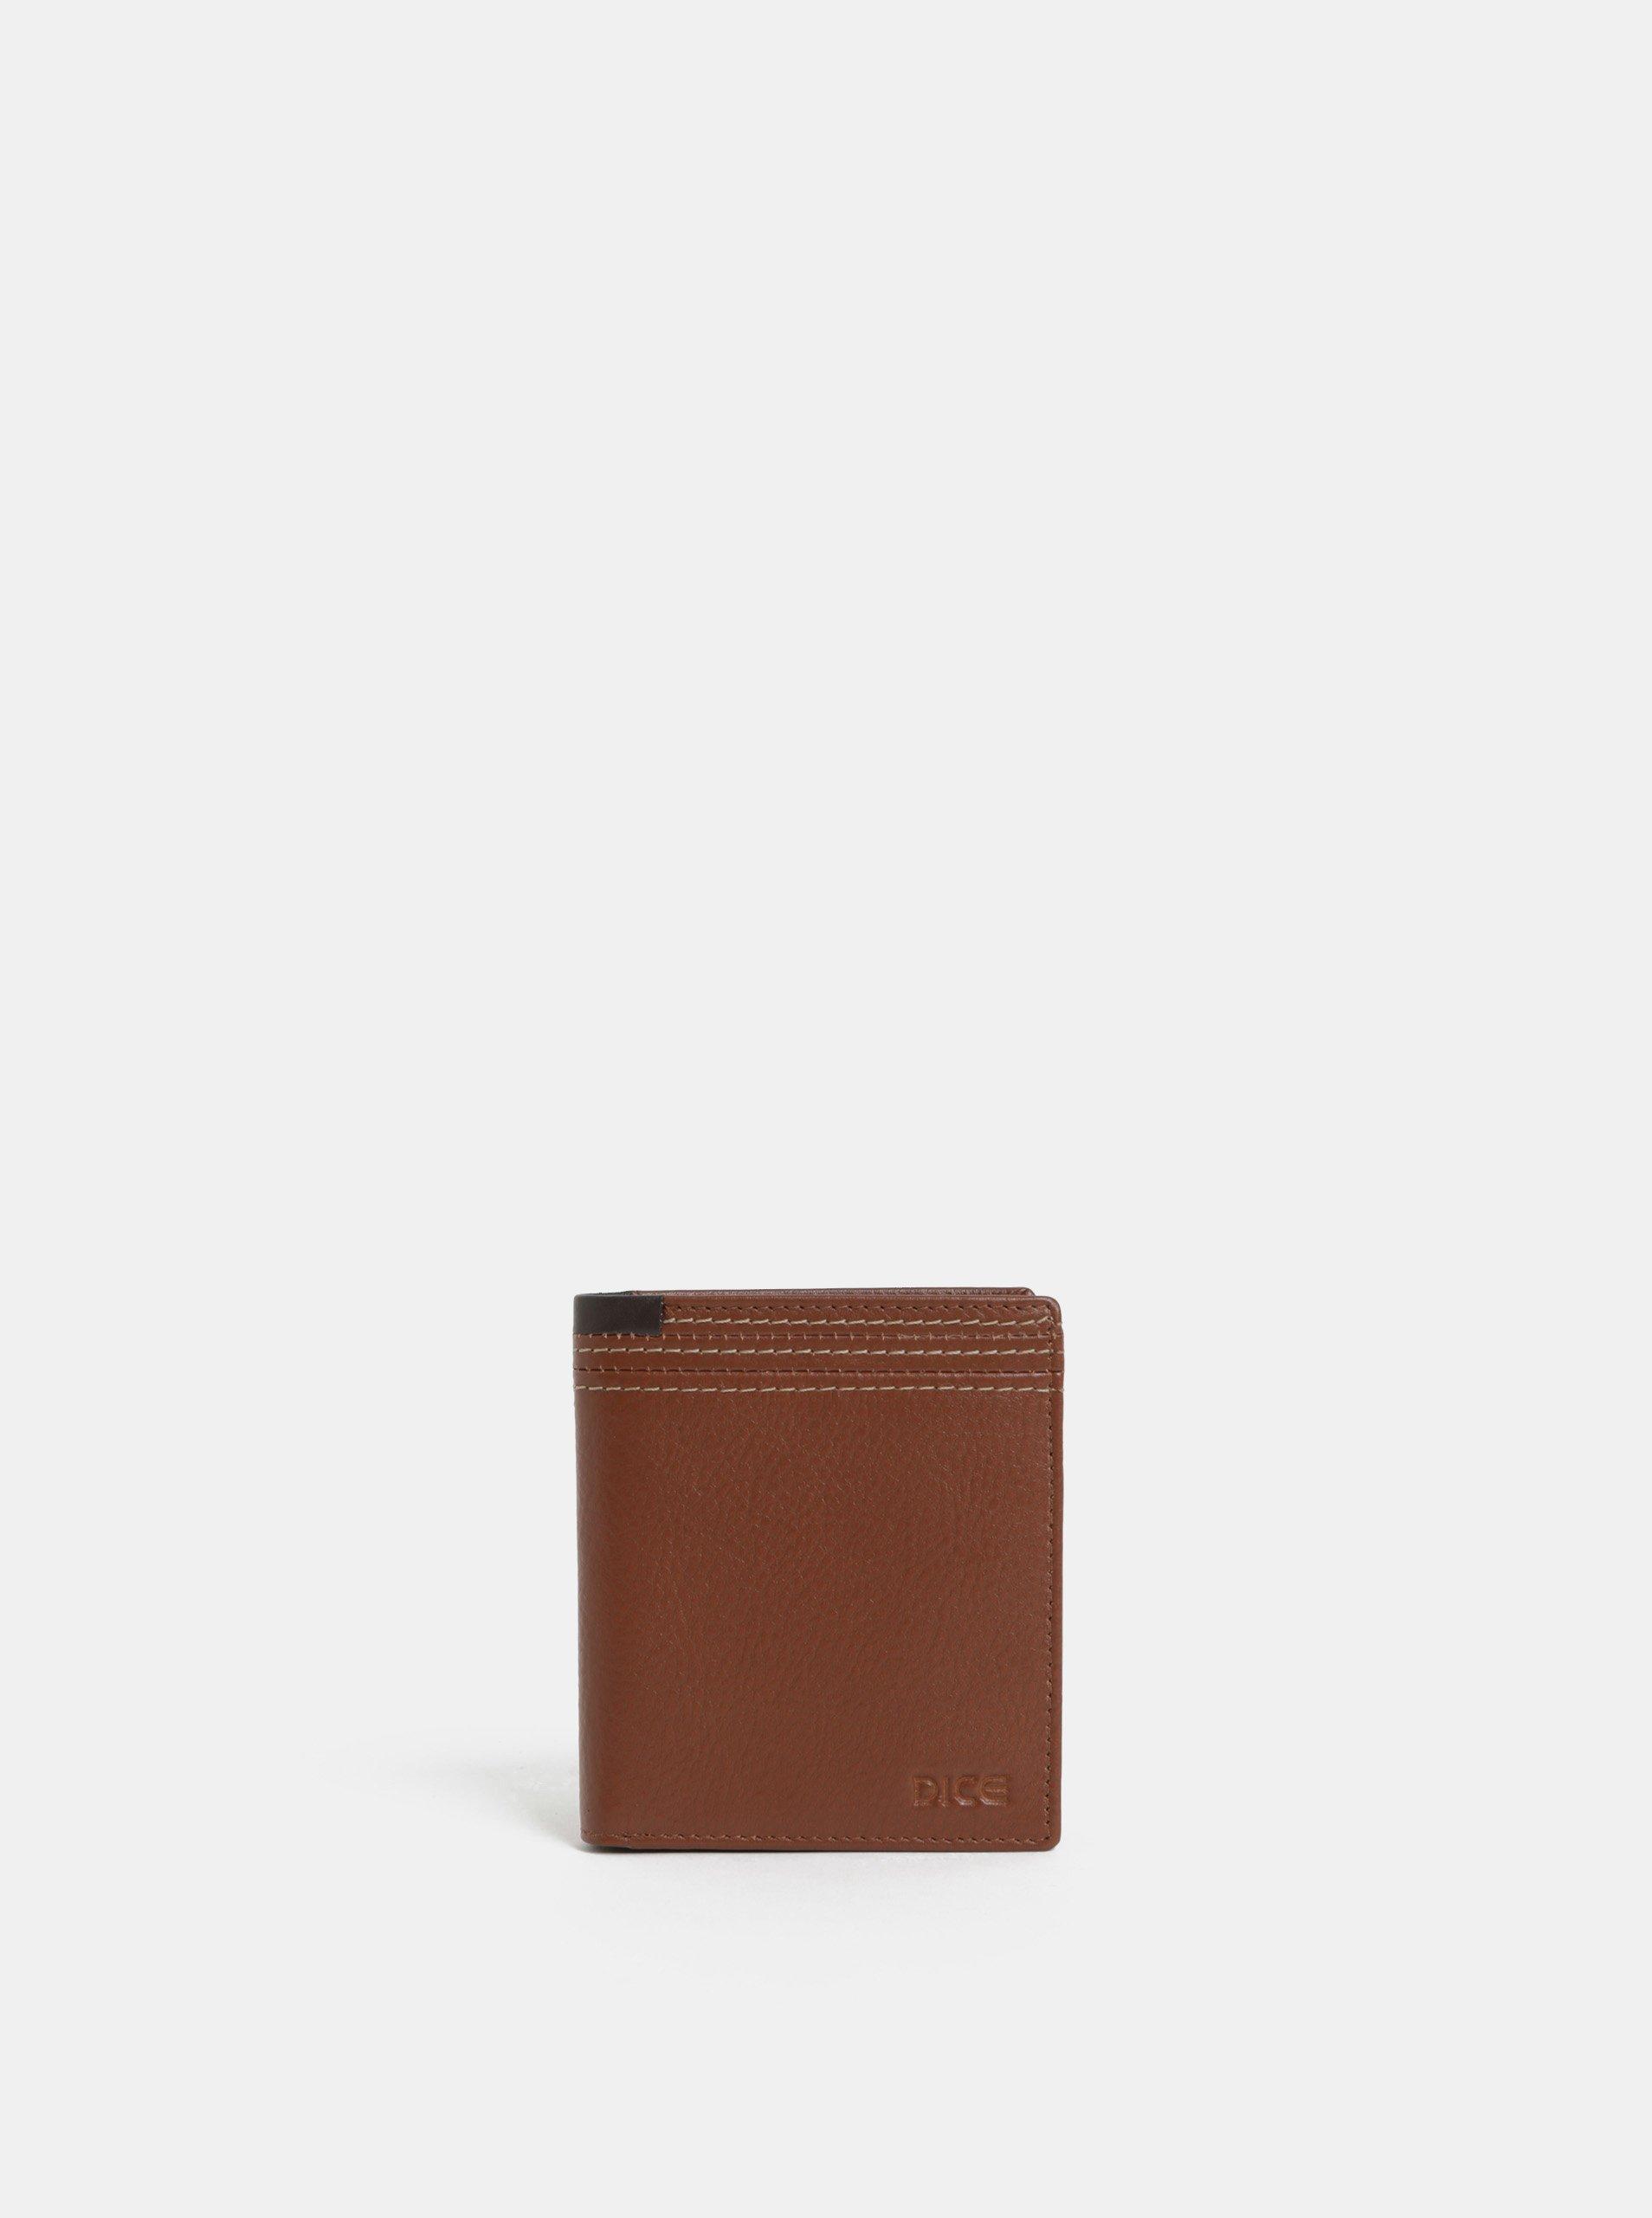 Hnedá kožená peňaženka Dice Range